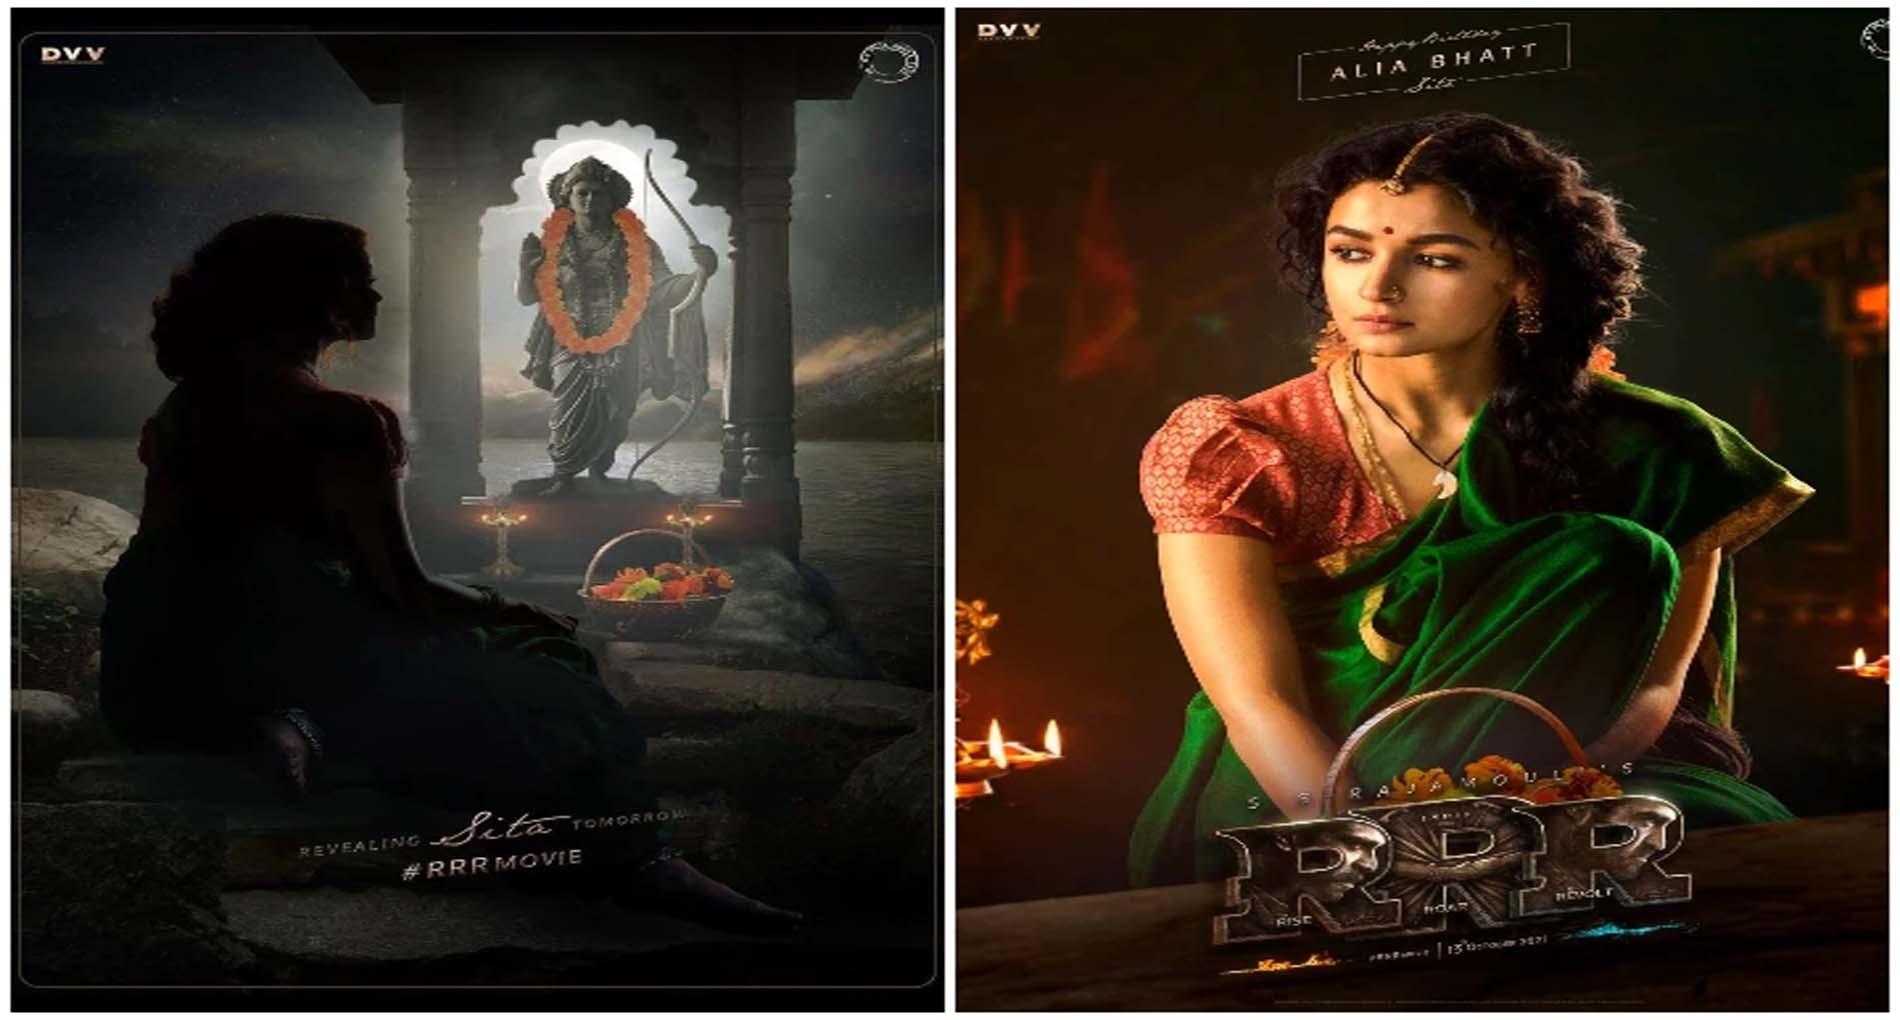 Alia Bhatt Sita First Look: सीता के किरदार में आलिया भट्ट का दमदार फर्स्ट लुक हुआ रिलीज! देखें